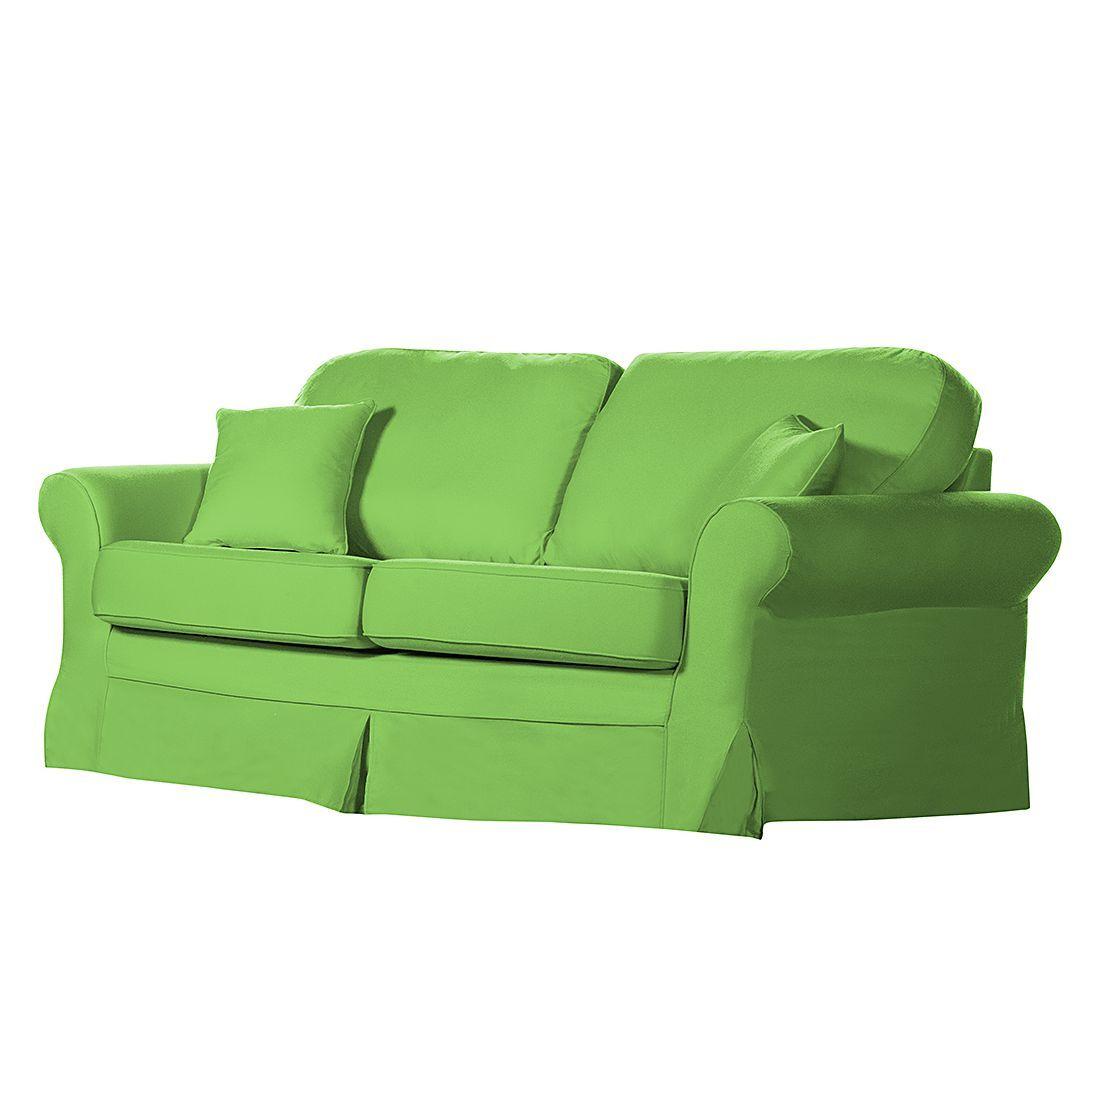 Sofa Louanne (3 Sitzer) Baumwollstoff   Grün, Ridgevalley Jetzt Bestellen  Unter: Https://moebel.ladendirekt.de/wohnzimmer/sofas/2 Und 3 Sitzer Sofas/?uidu003d  ...